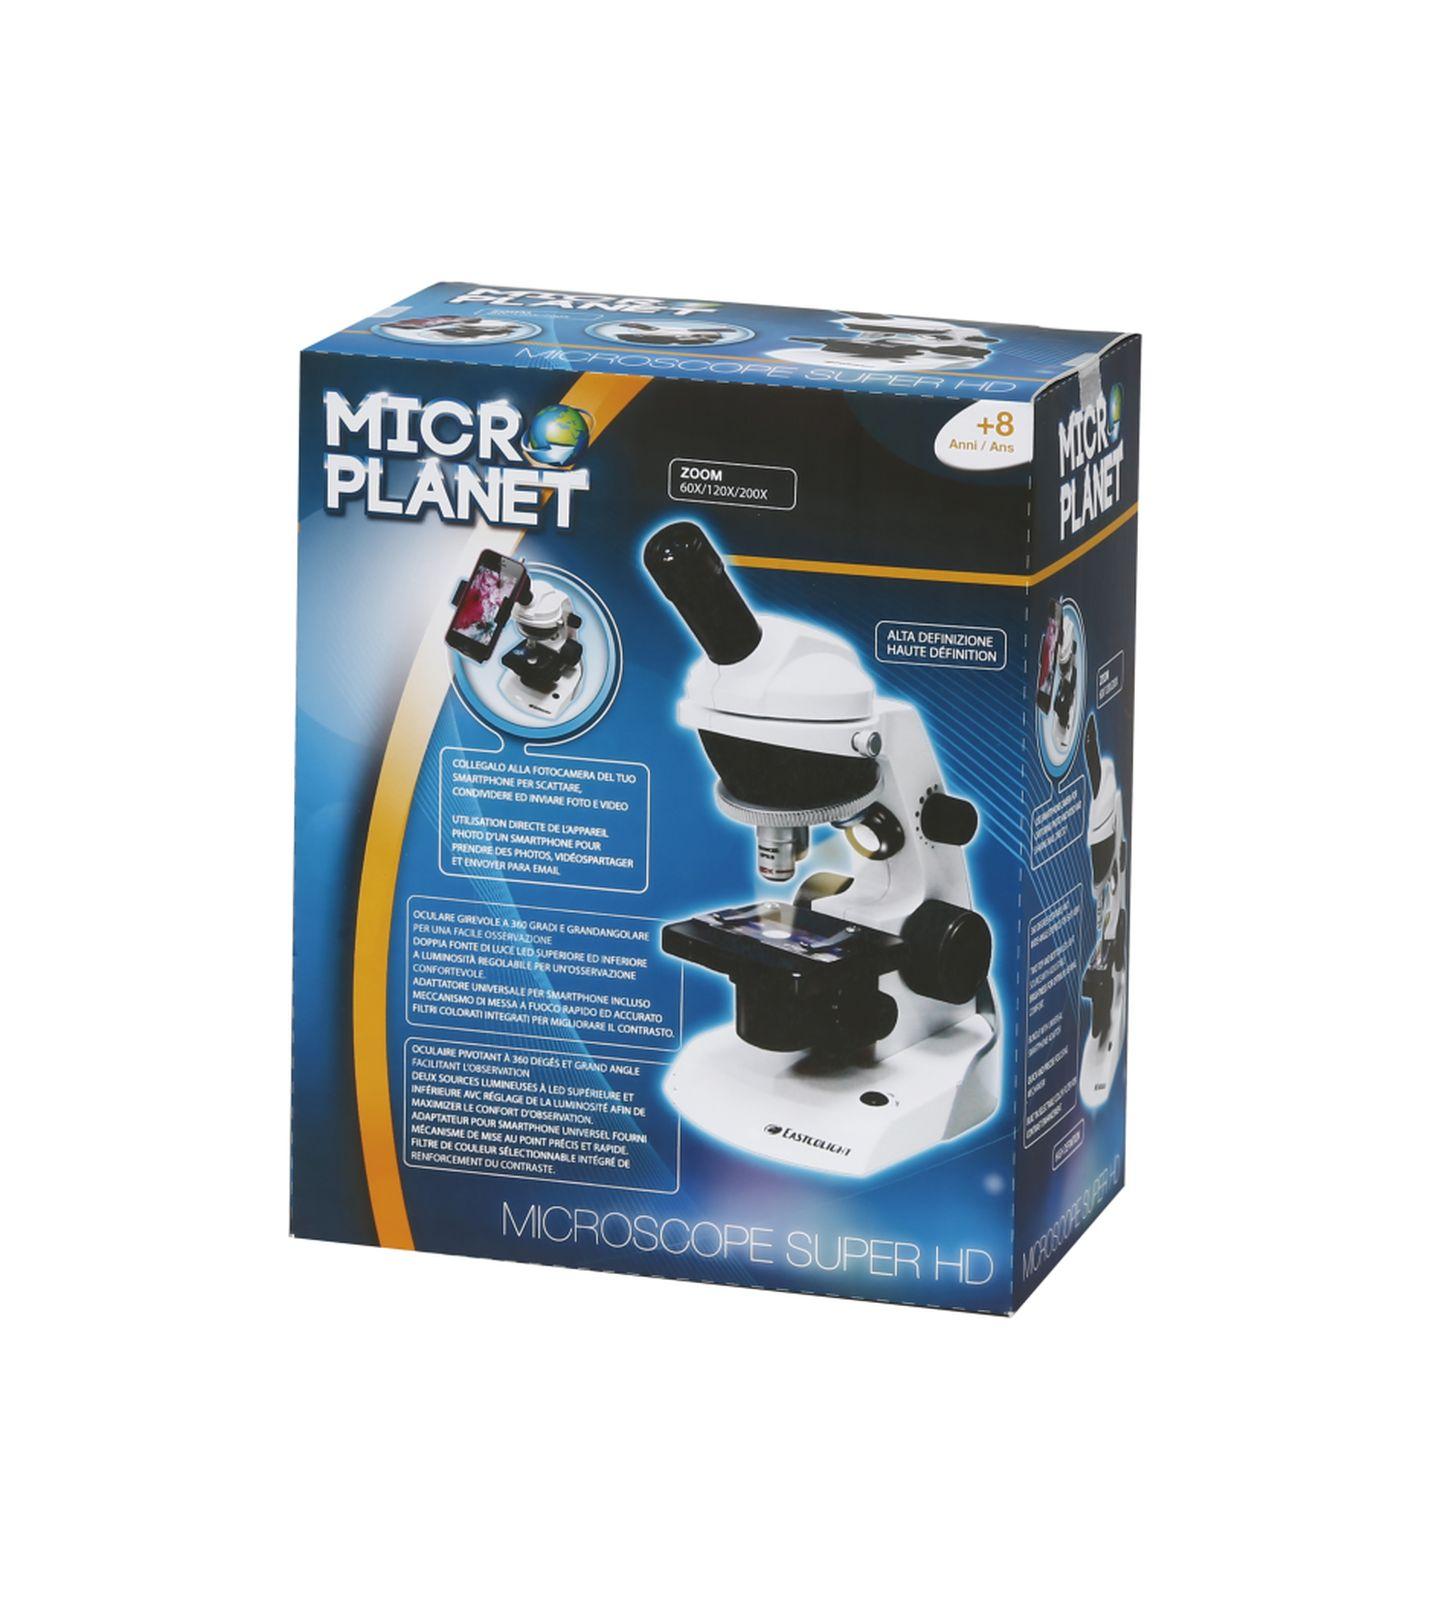 Microscopio digitale hd 360° - MICRO PLANET, MICROPLANET